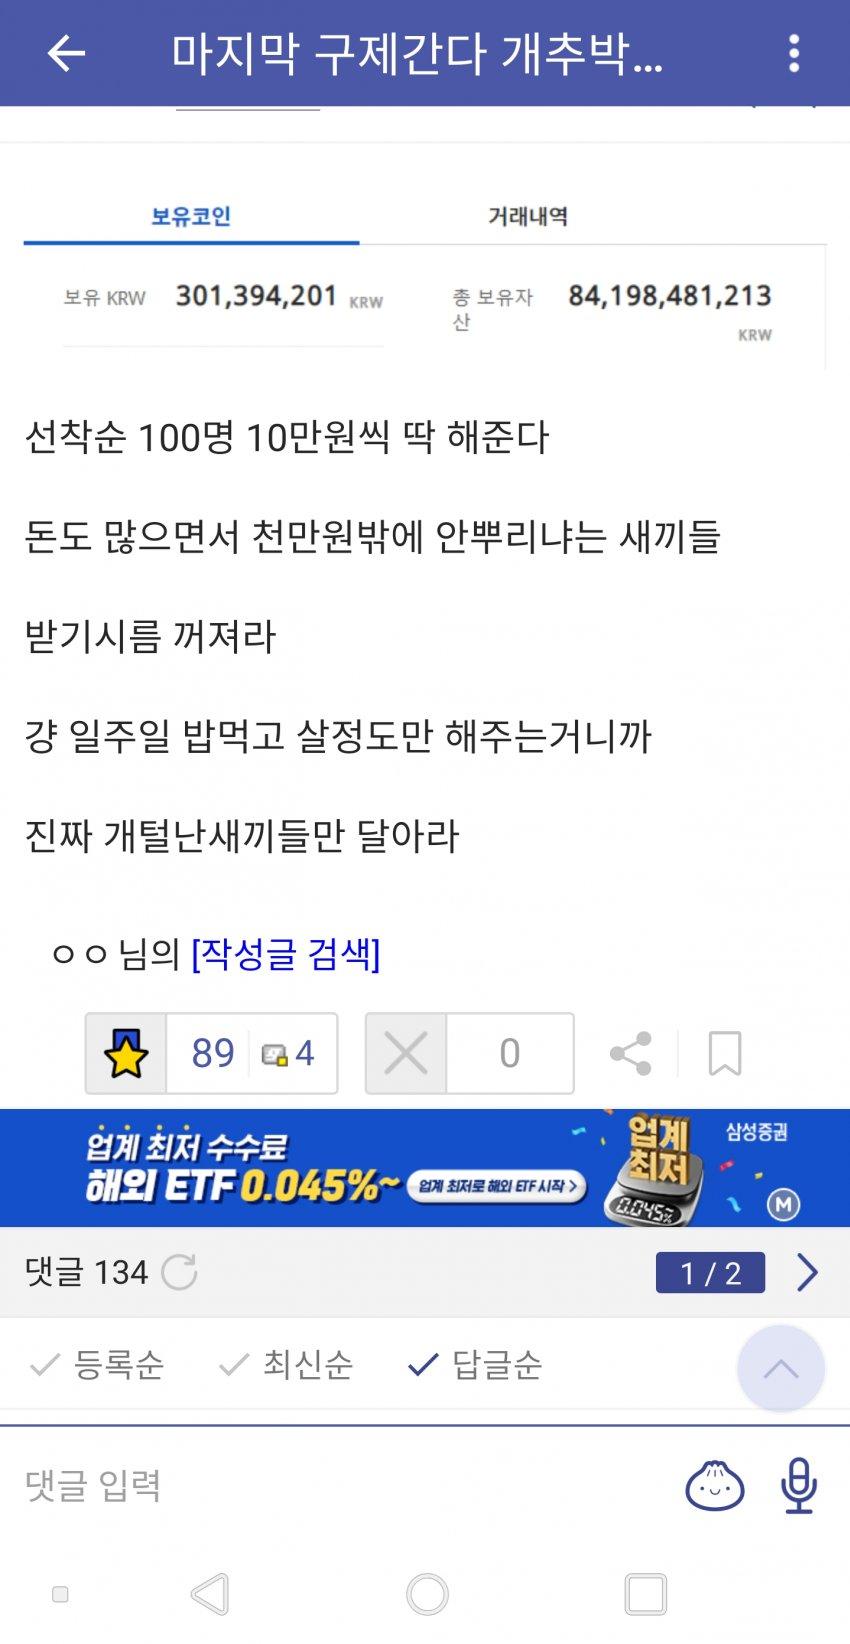 viewimage.php?id=2fbcc323e7d334aa51b1d3a24781&no=24b0d769e1d32ca73fec8efa11d02831835273132ddd61d36cf617d09c4dd54d248045c8570d0fa9e6b14d50c9703f720dc4bcdb8986e416cf8f9306a0a915fd0a439cf9fbc0c77c534b06851d93ca8cefd3183f7750f2281c562f213d9cc20814f551c57339